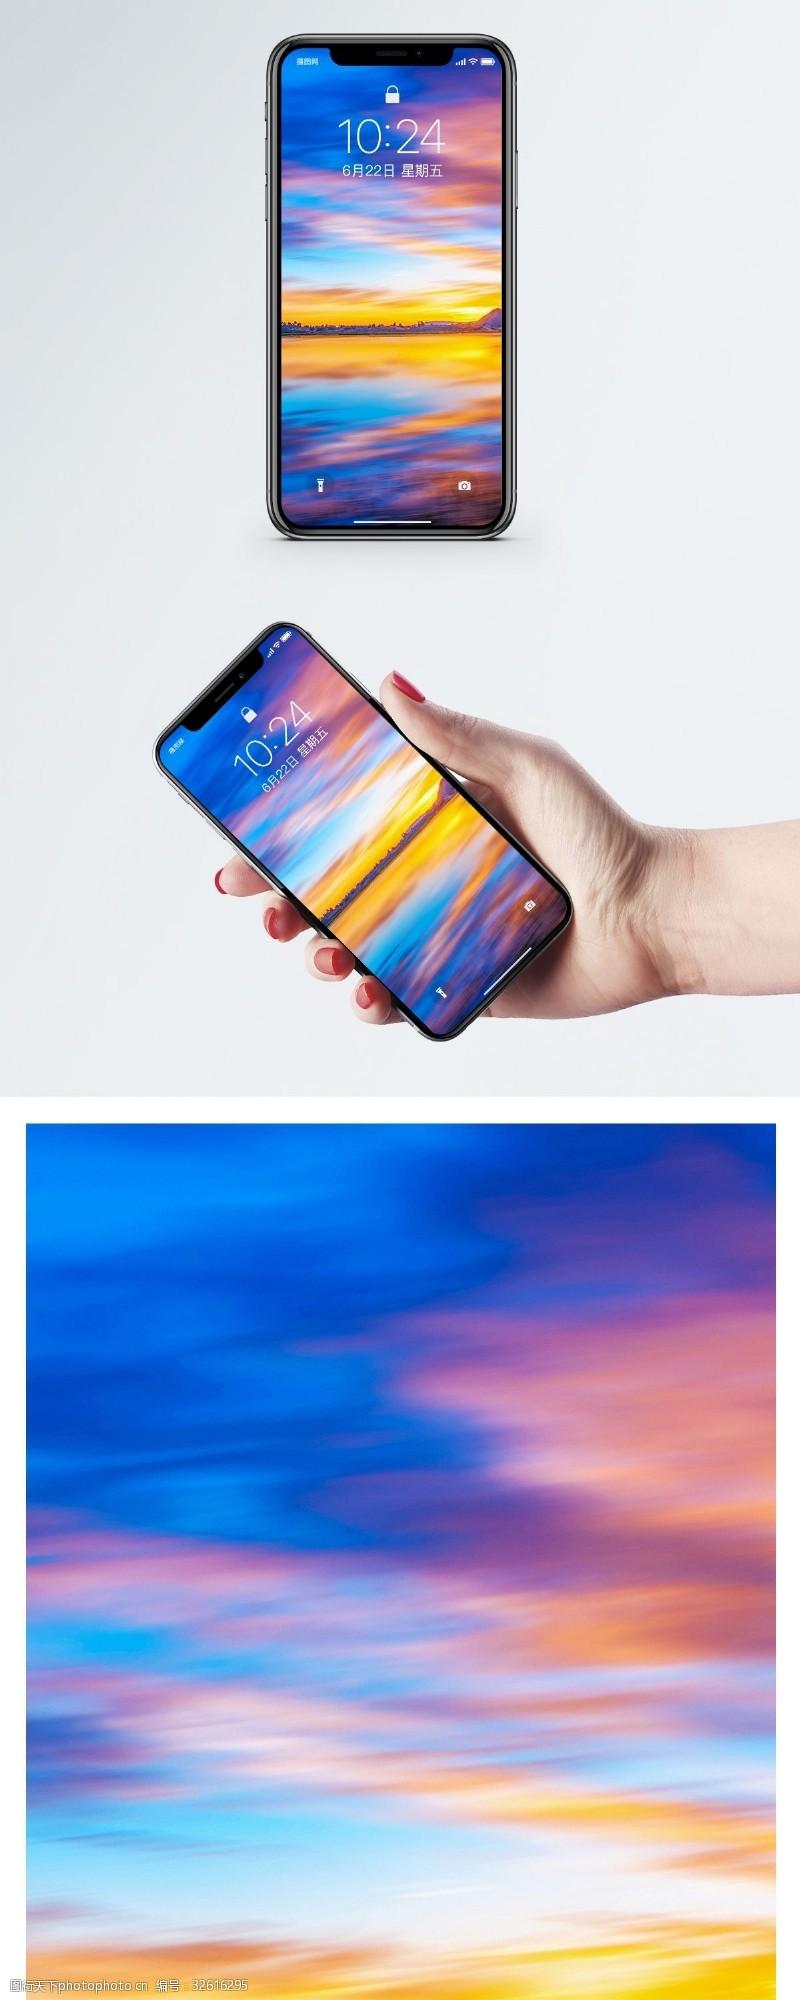 色彩天空风景手机壁纸